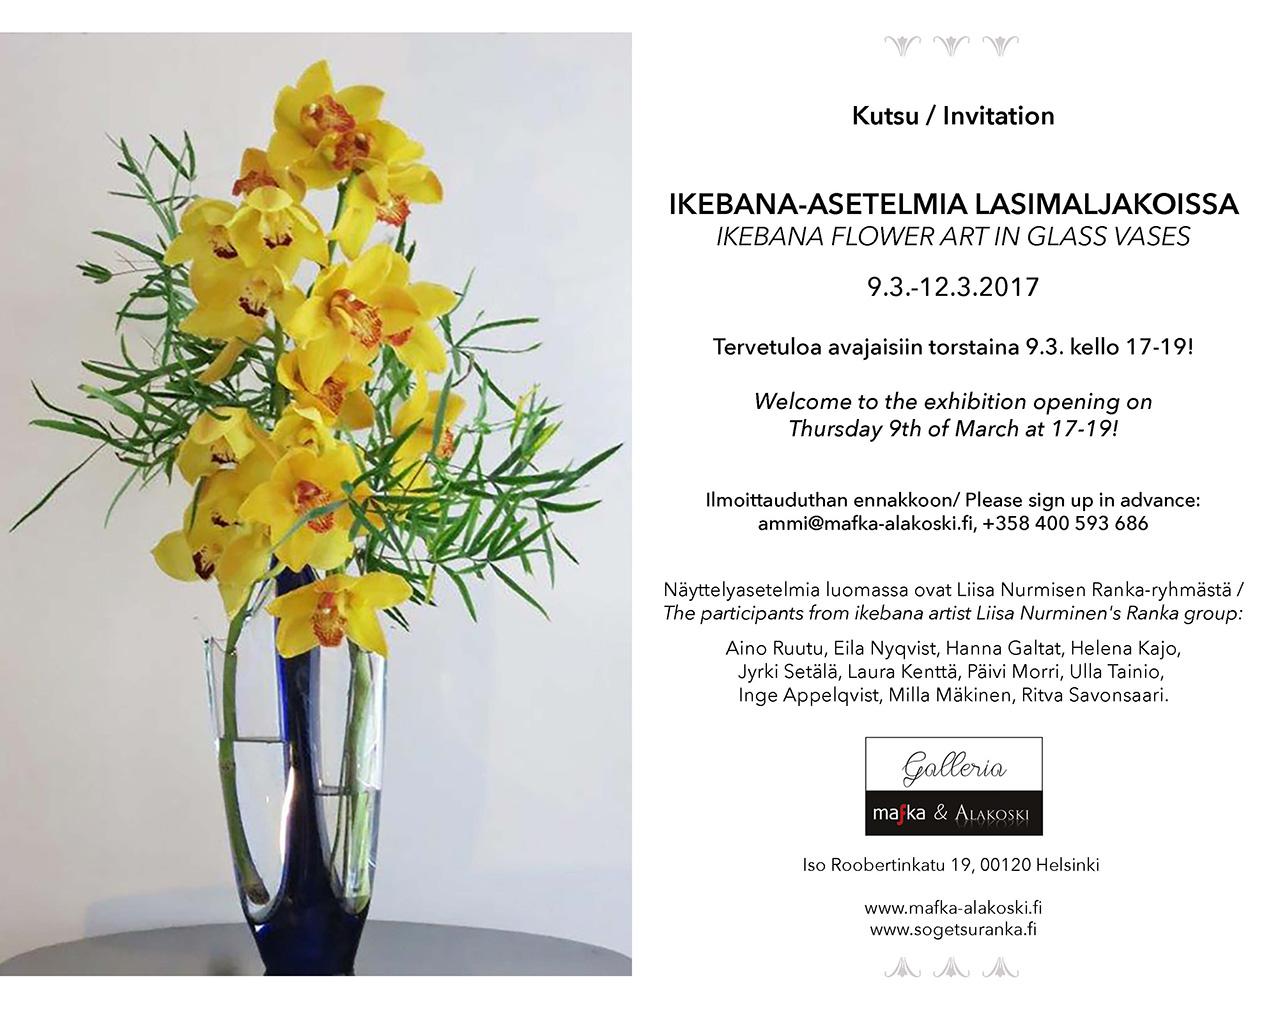 Ikebana-asetelmia lasimaljakoissa esillä Galleria Mafka&Alakoskessa